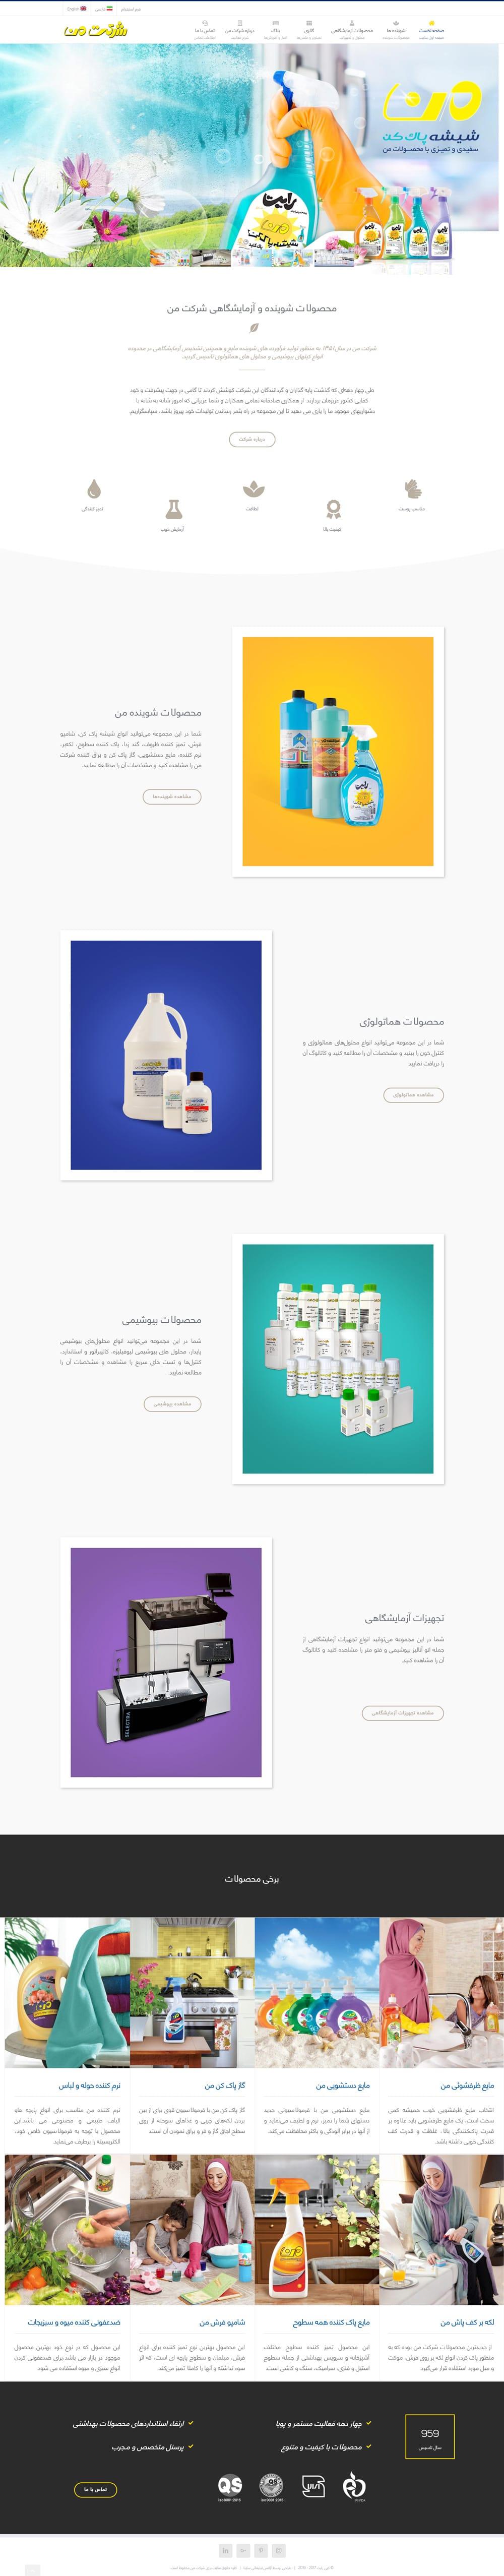 طراحی سایت شرکت من